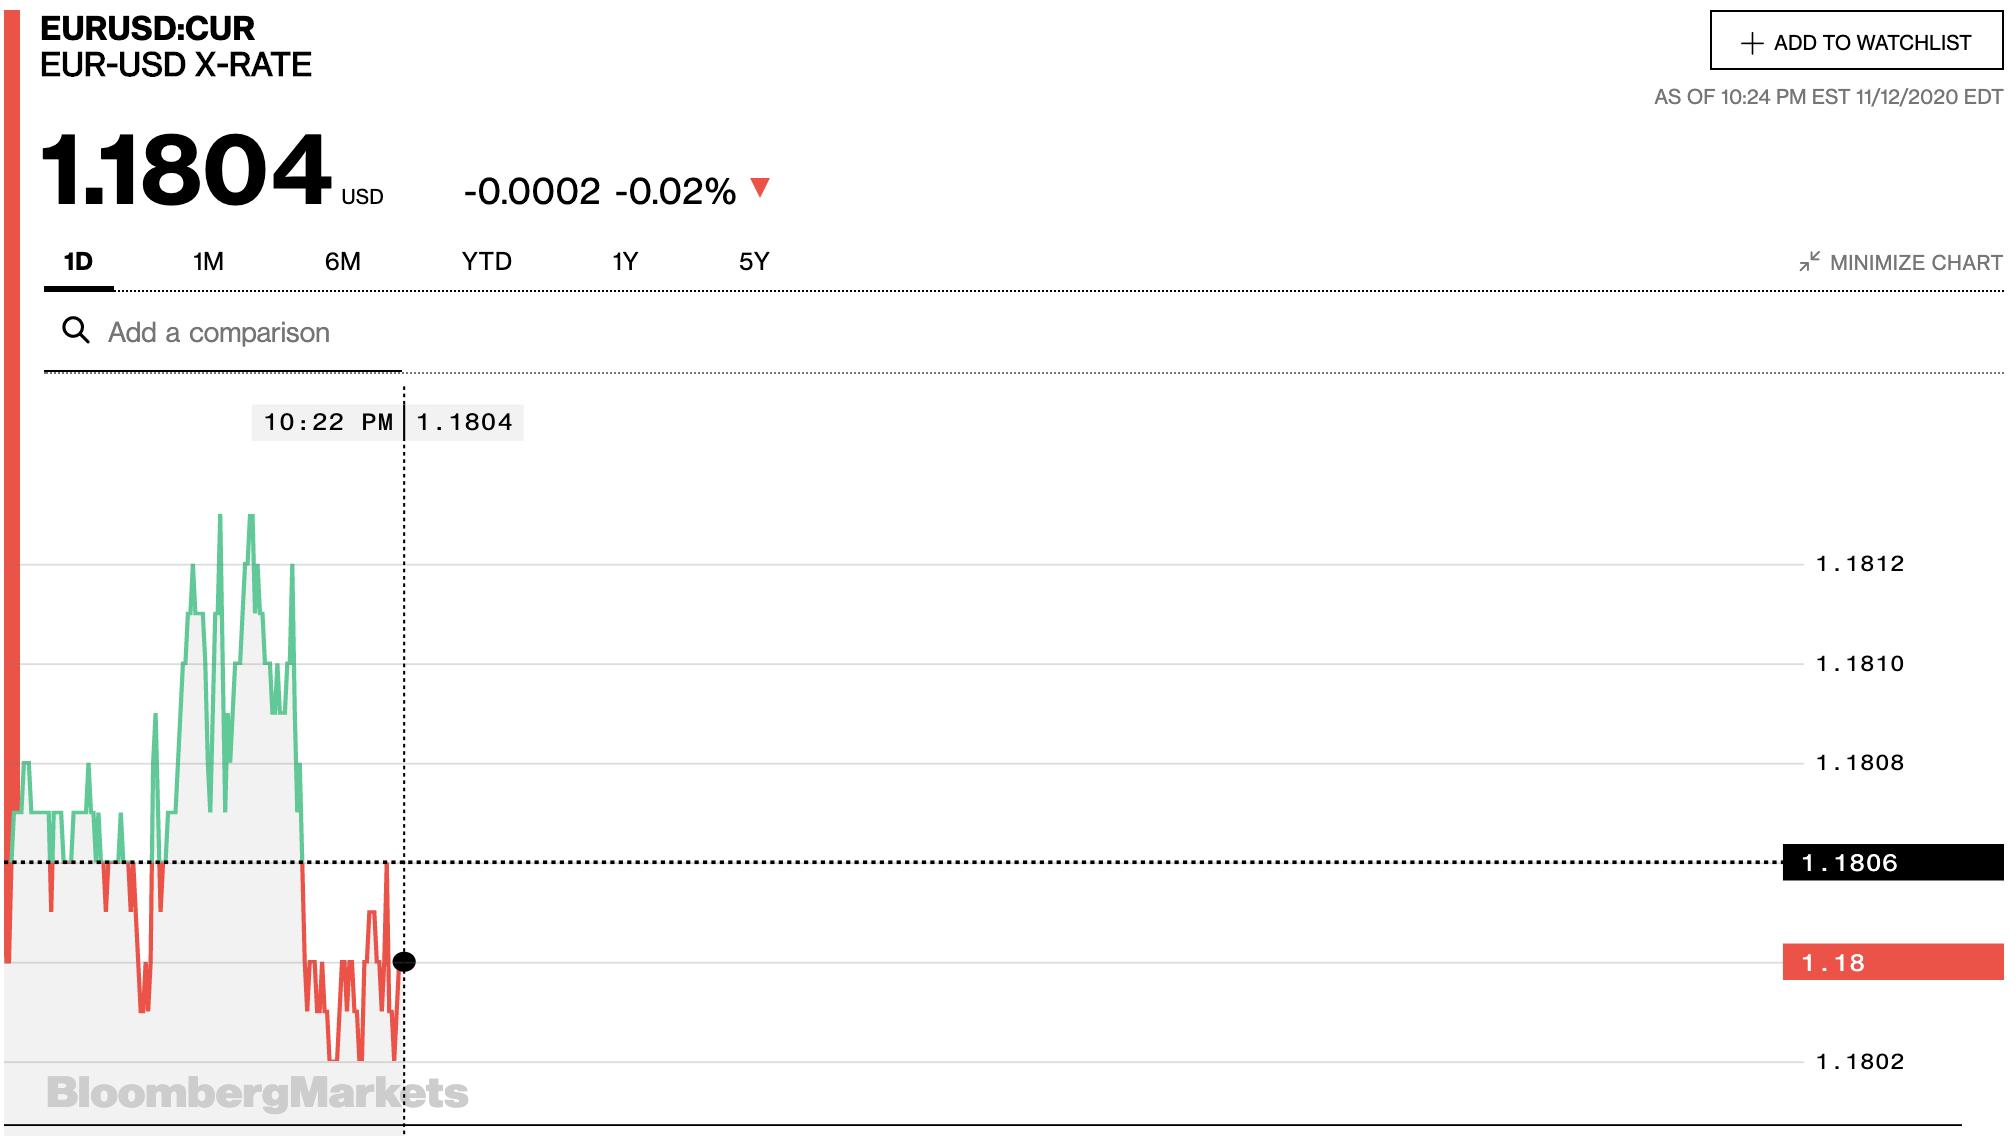 Tỷ giá euro hôm nay 13/11: Quay đầu tăng đồng loạt trở lại tại các ngân hàng - Ảnh 2.